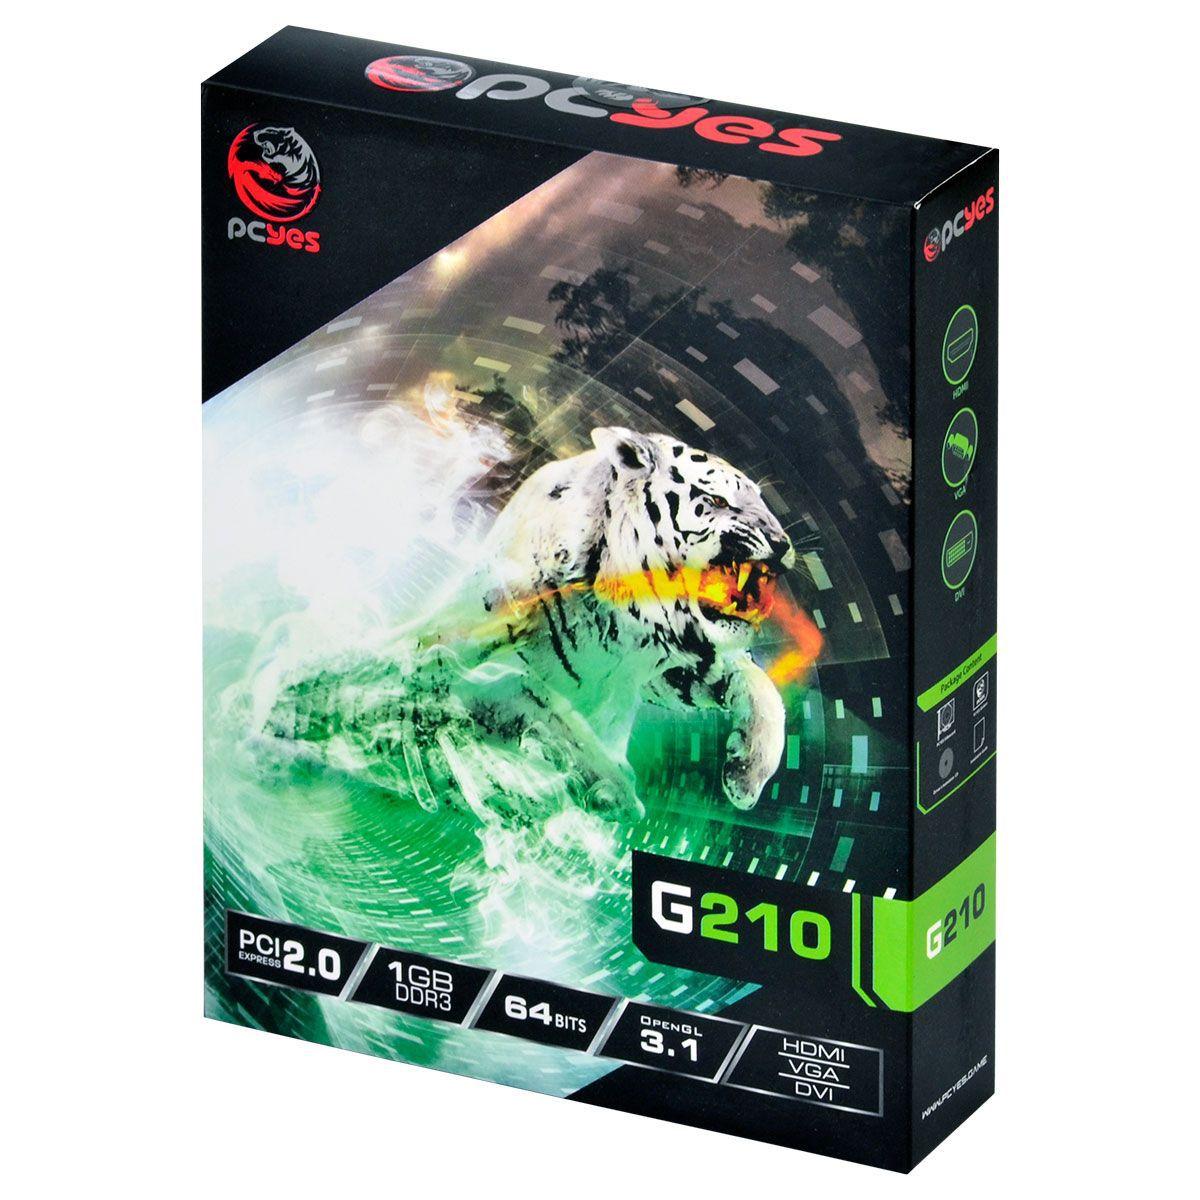 Placa de Vídeo GeForce G210 1GB DDR3 64 Bits com Kit (Low Profile Incluso) PA210G6401D3LP - Pcyes